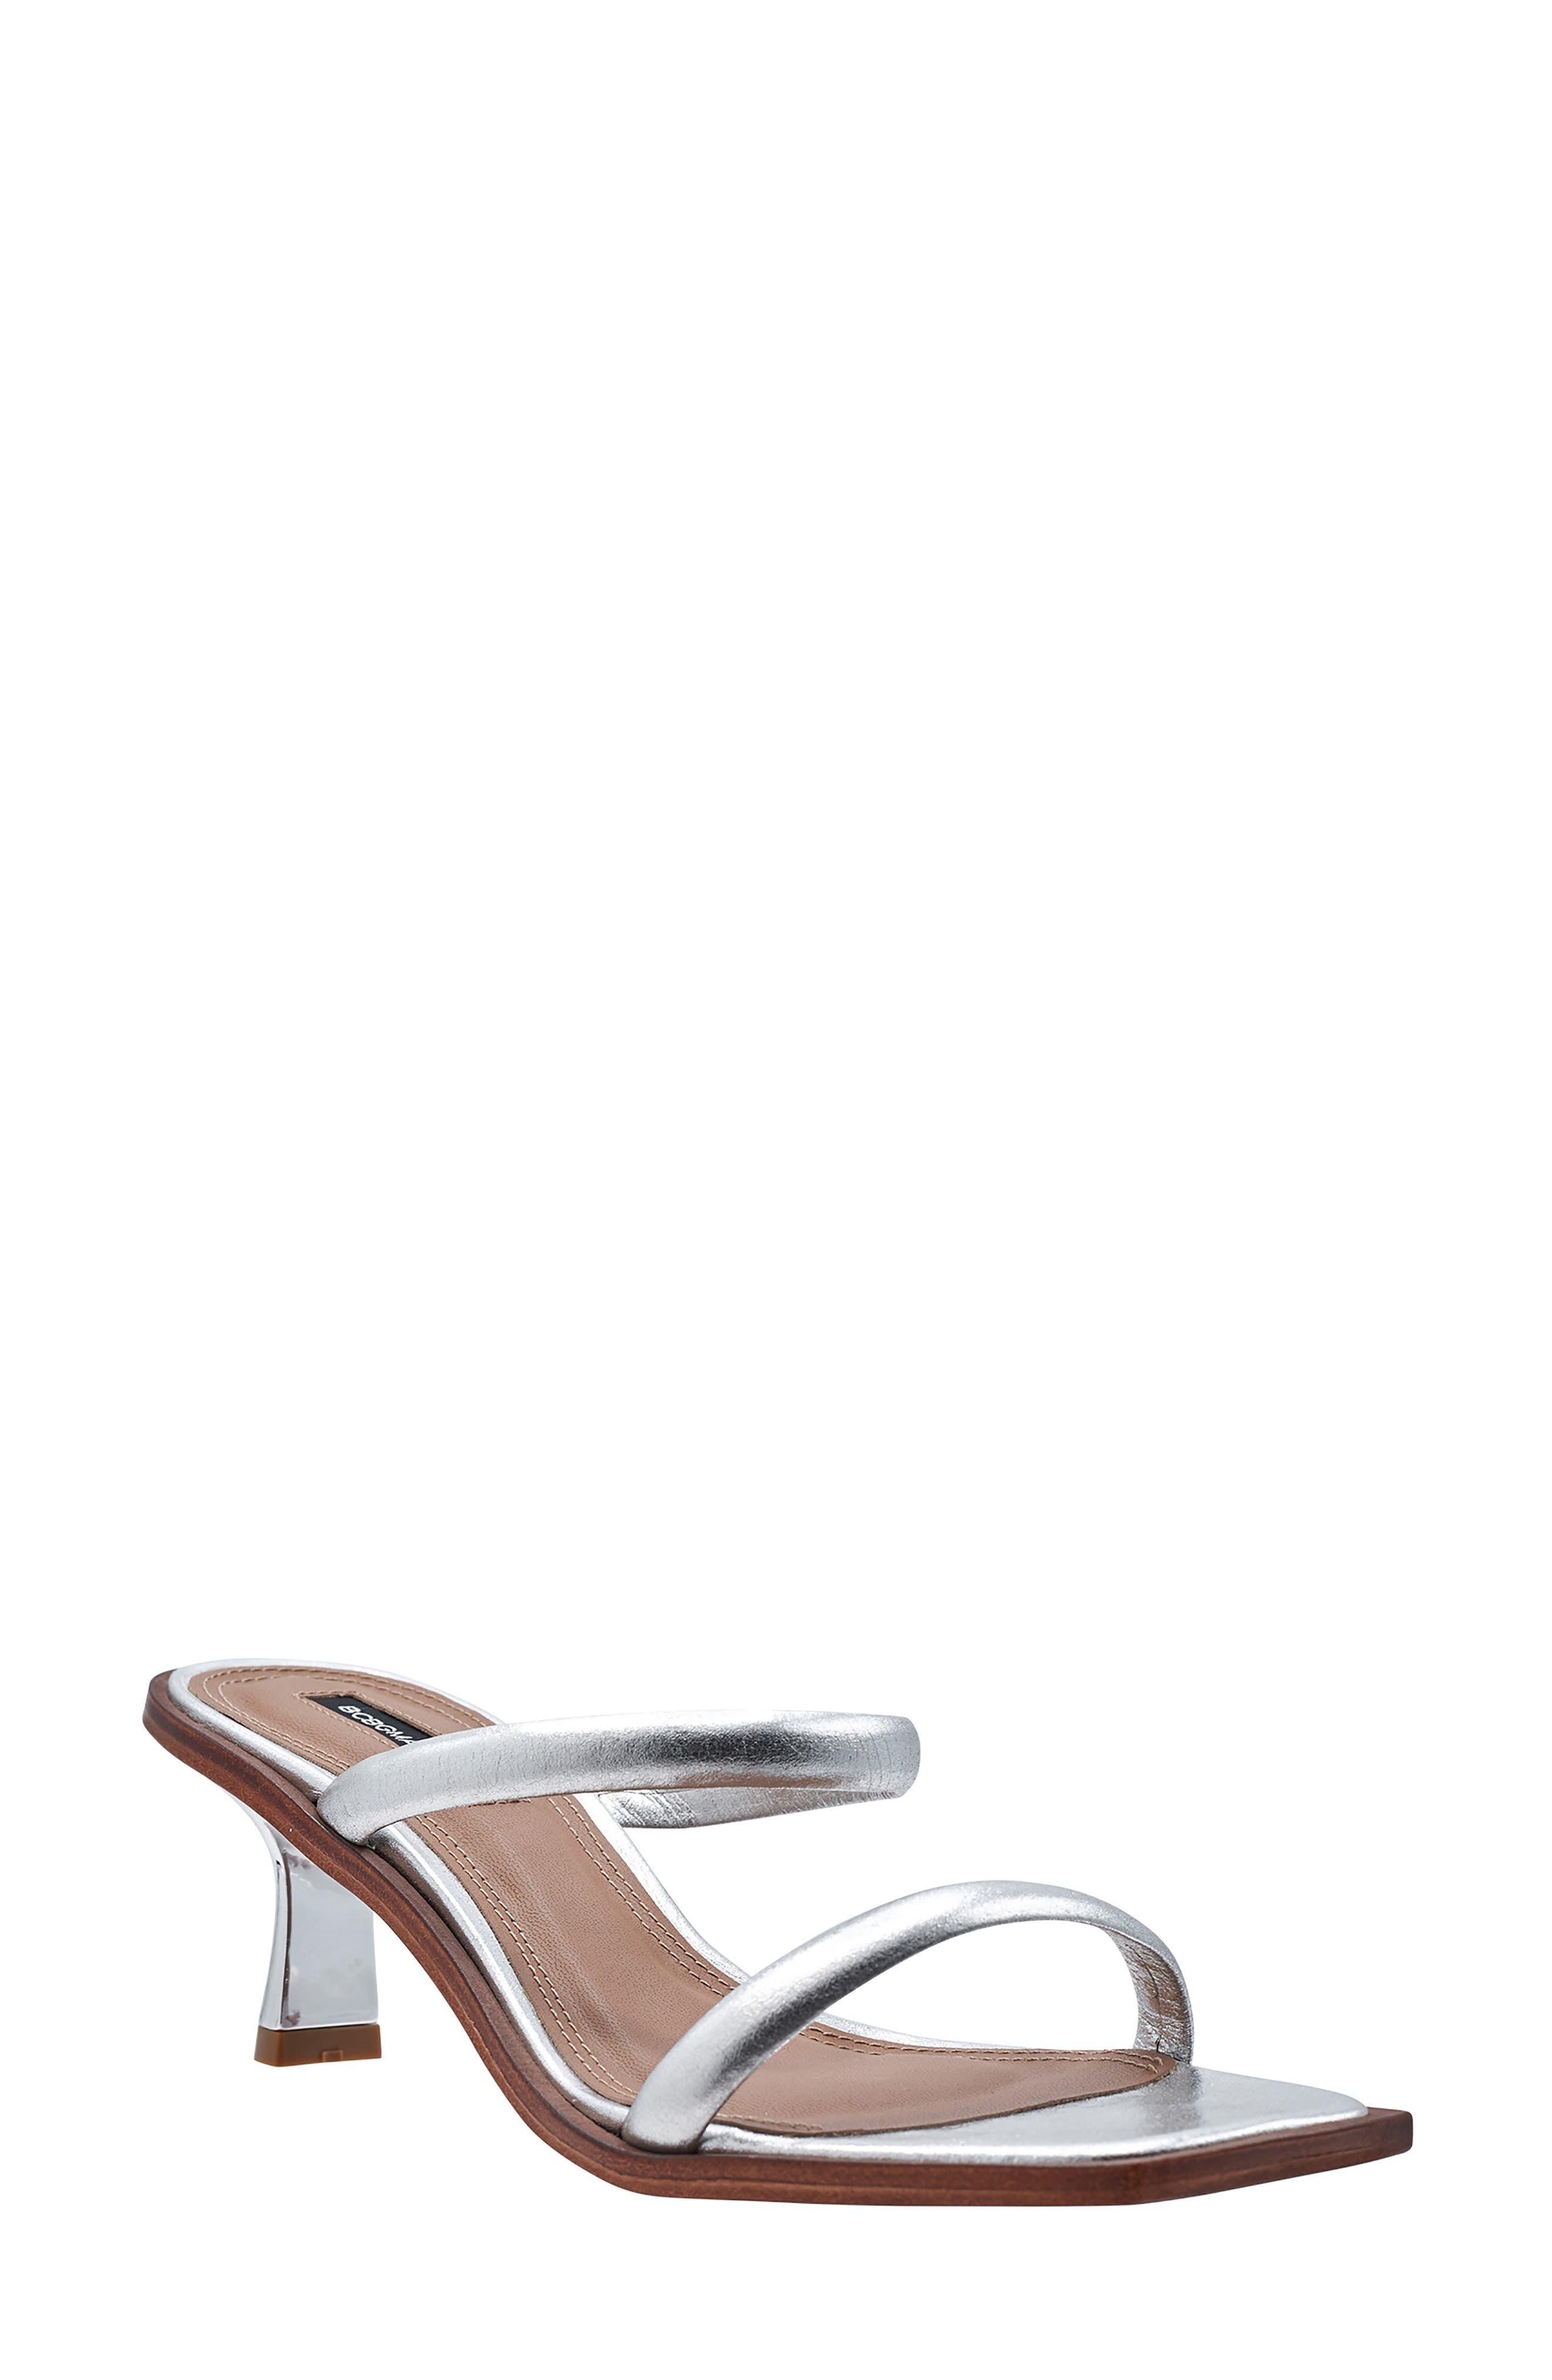 Didi Slide Sandal